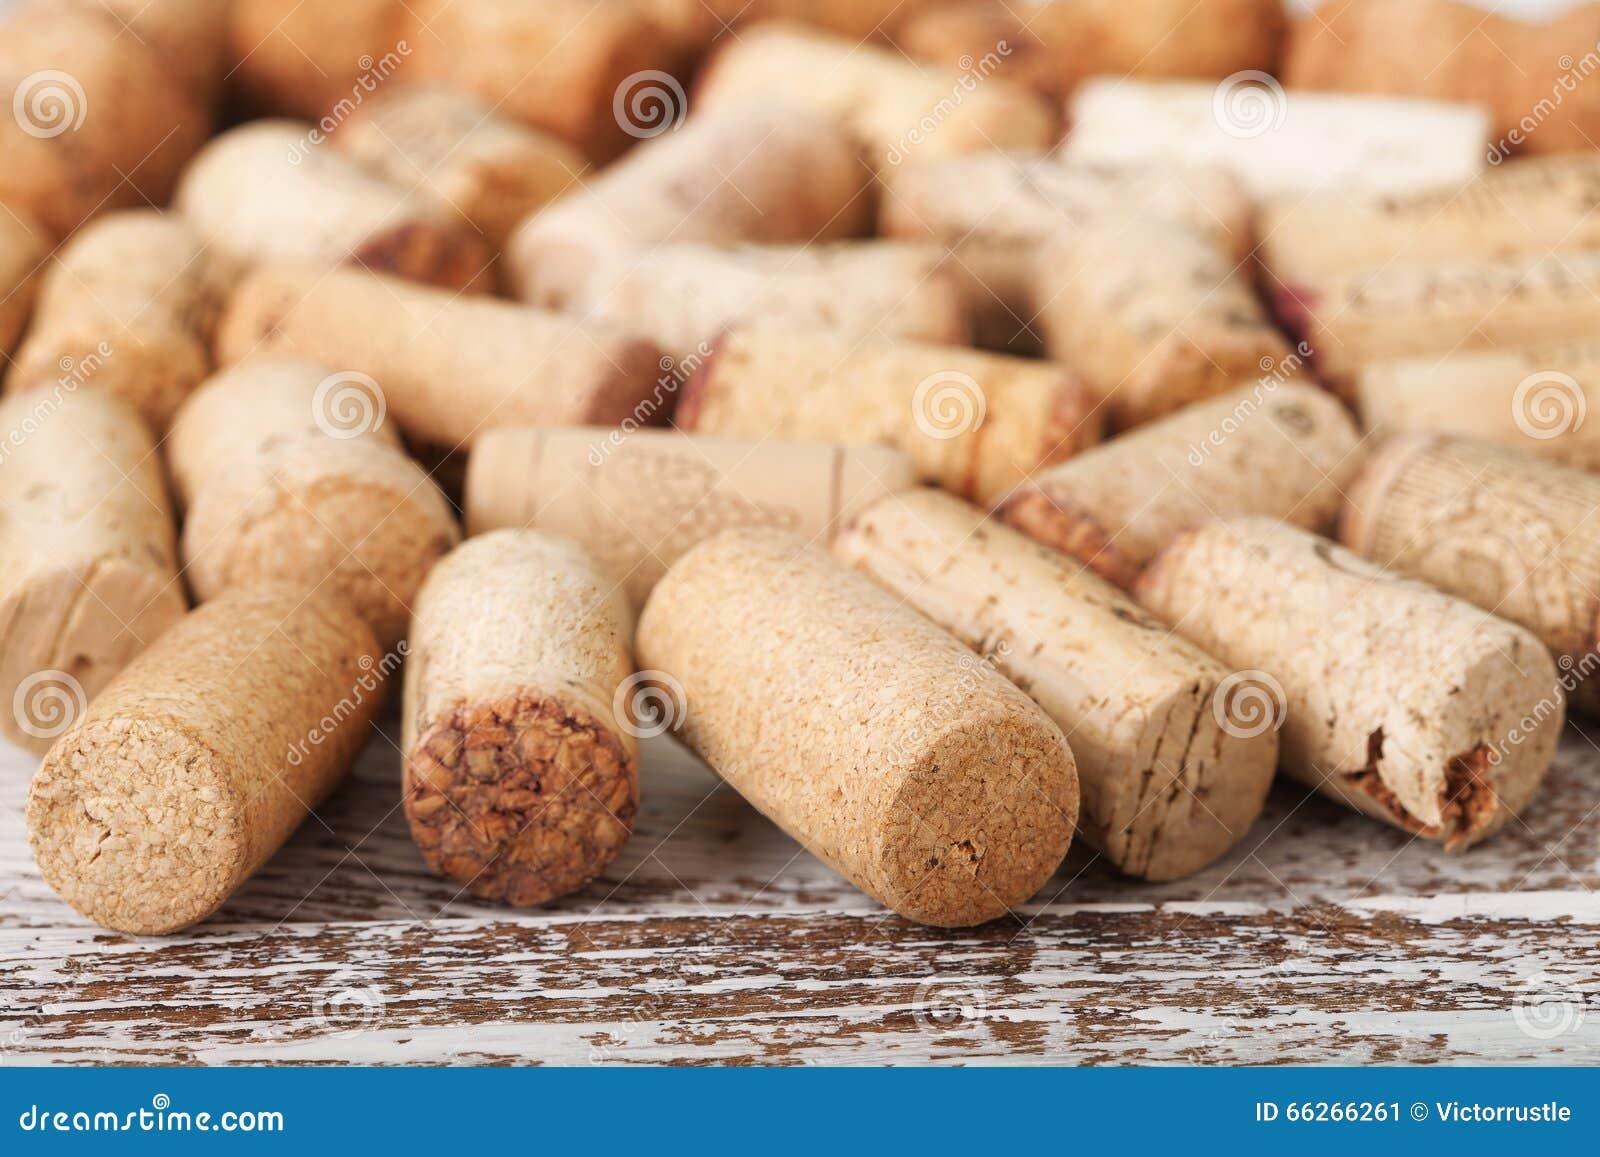 Corchos del vino como fondo, foco selectivo